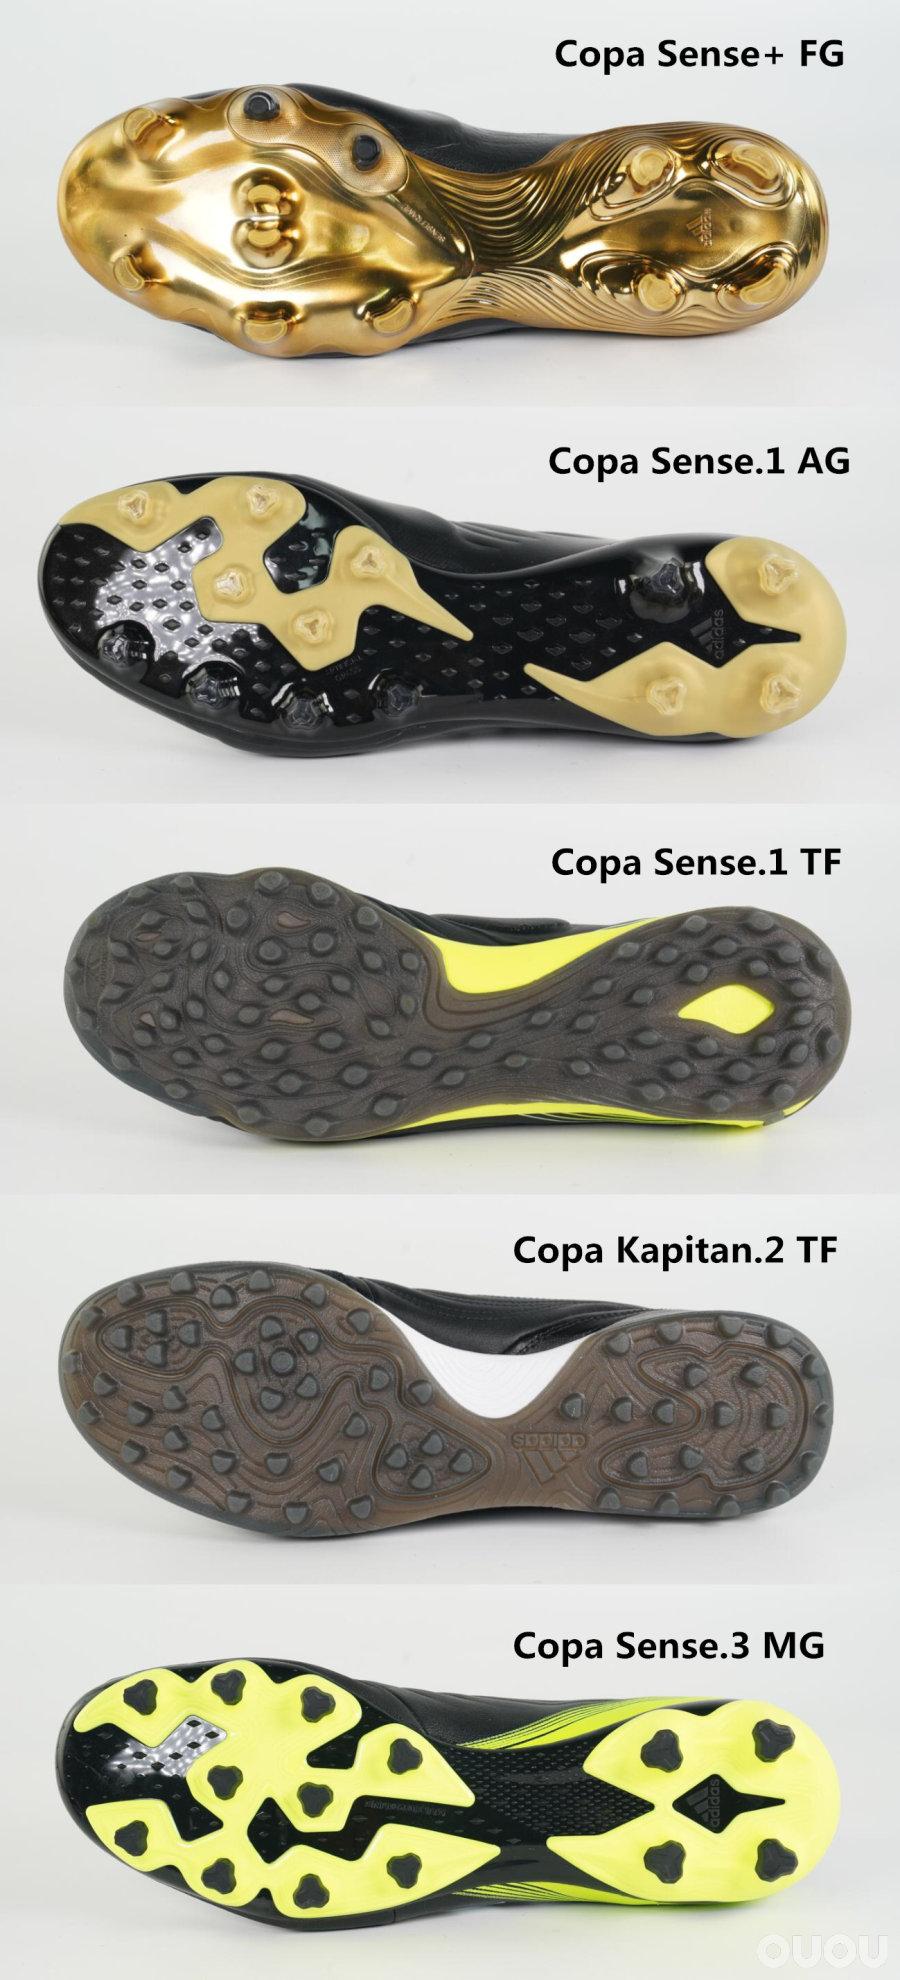 除了真皮还有什么?阿迪达斯Copa Sense全等级横向对比